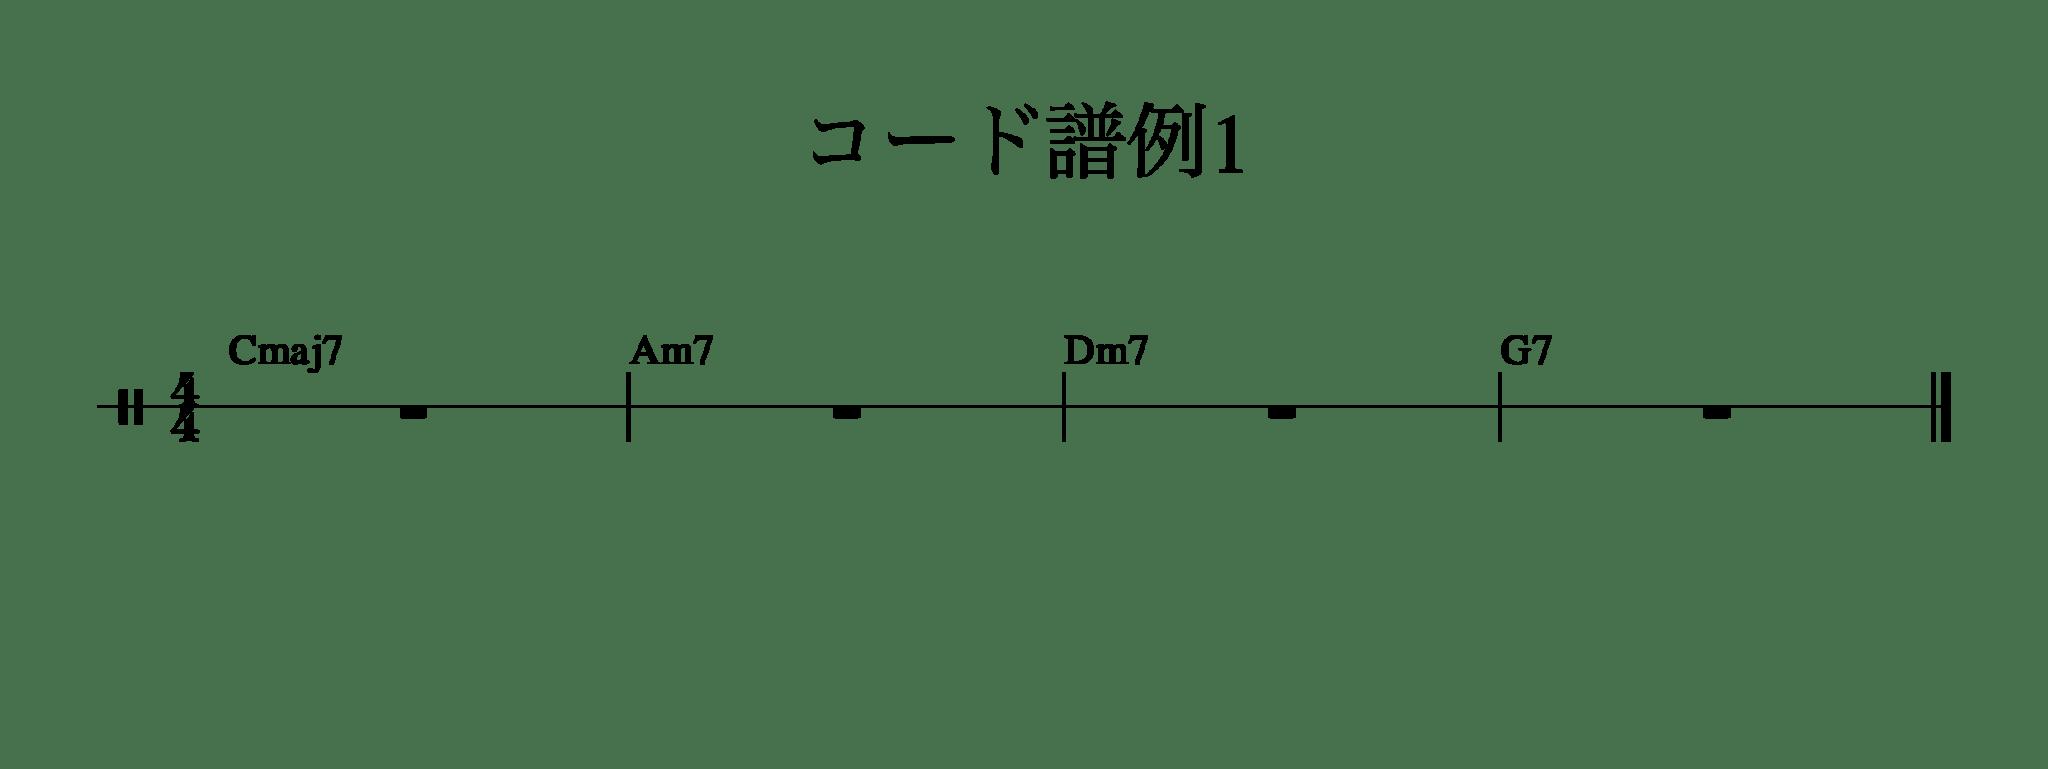 コード譜例1(C1625)-1